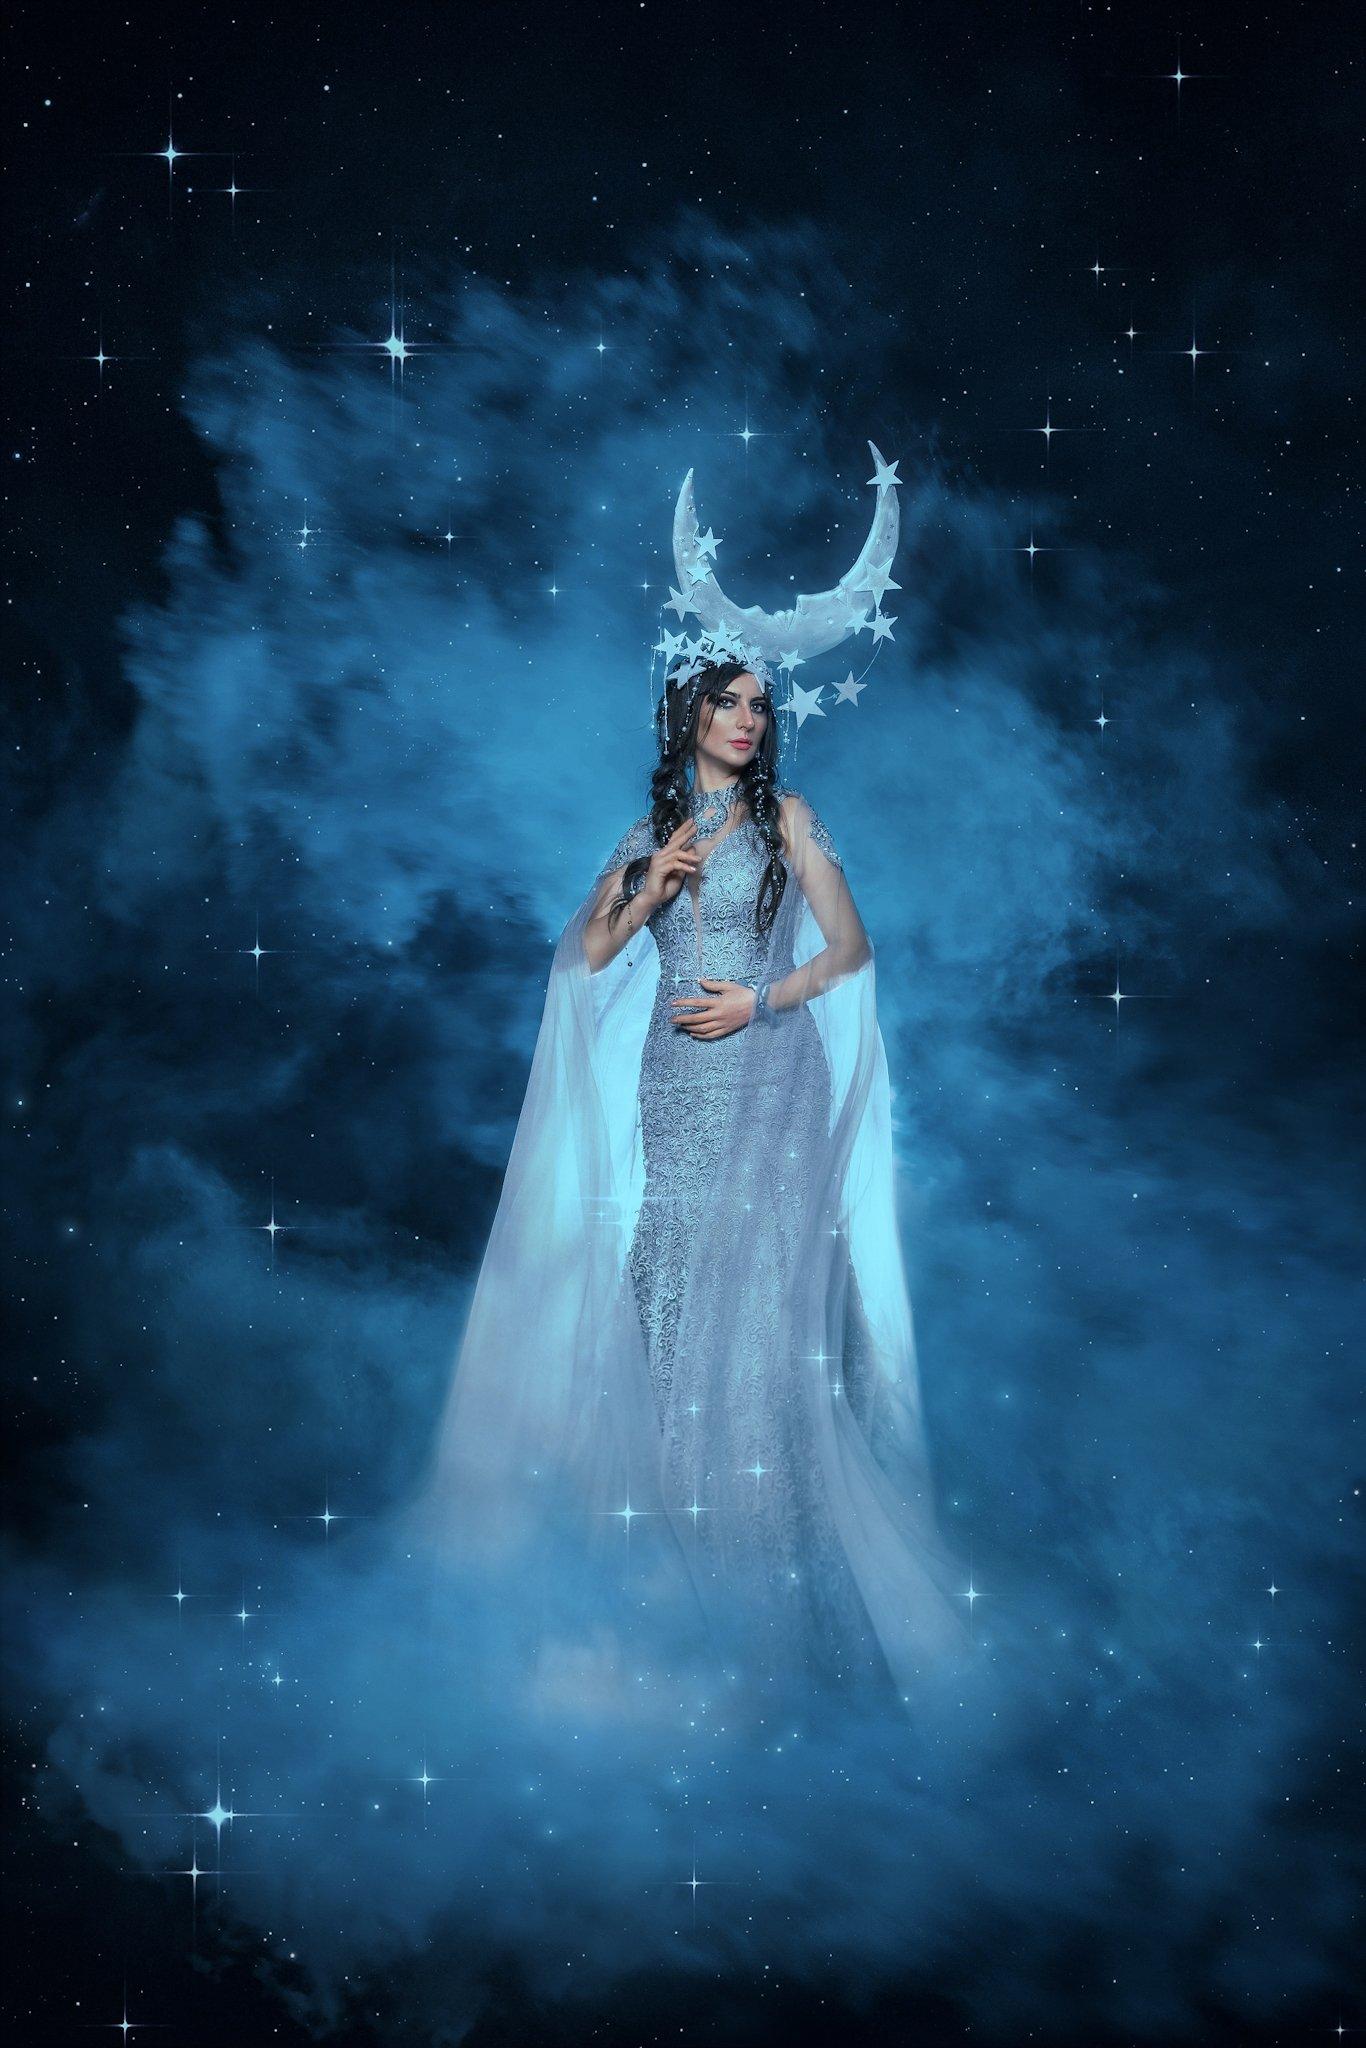 Луна, богиня, миф, сказка, история, волшебство, портрет, блёстки, голубой, синий, сияние, платье, нимб, нимфа, фея, Софья Ознобихина